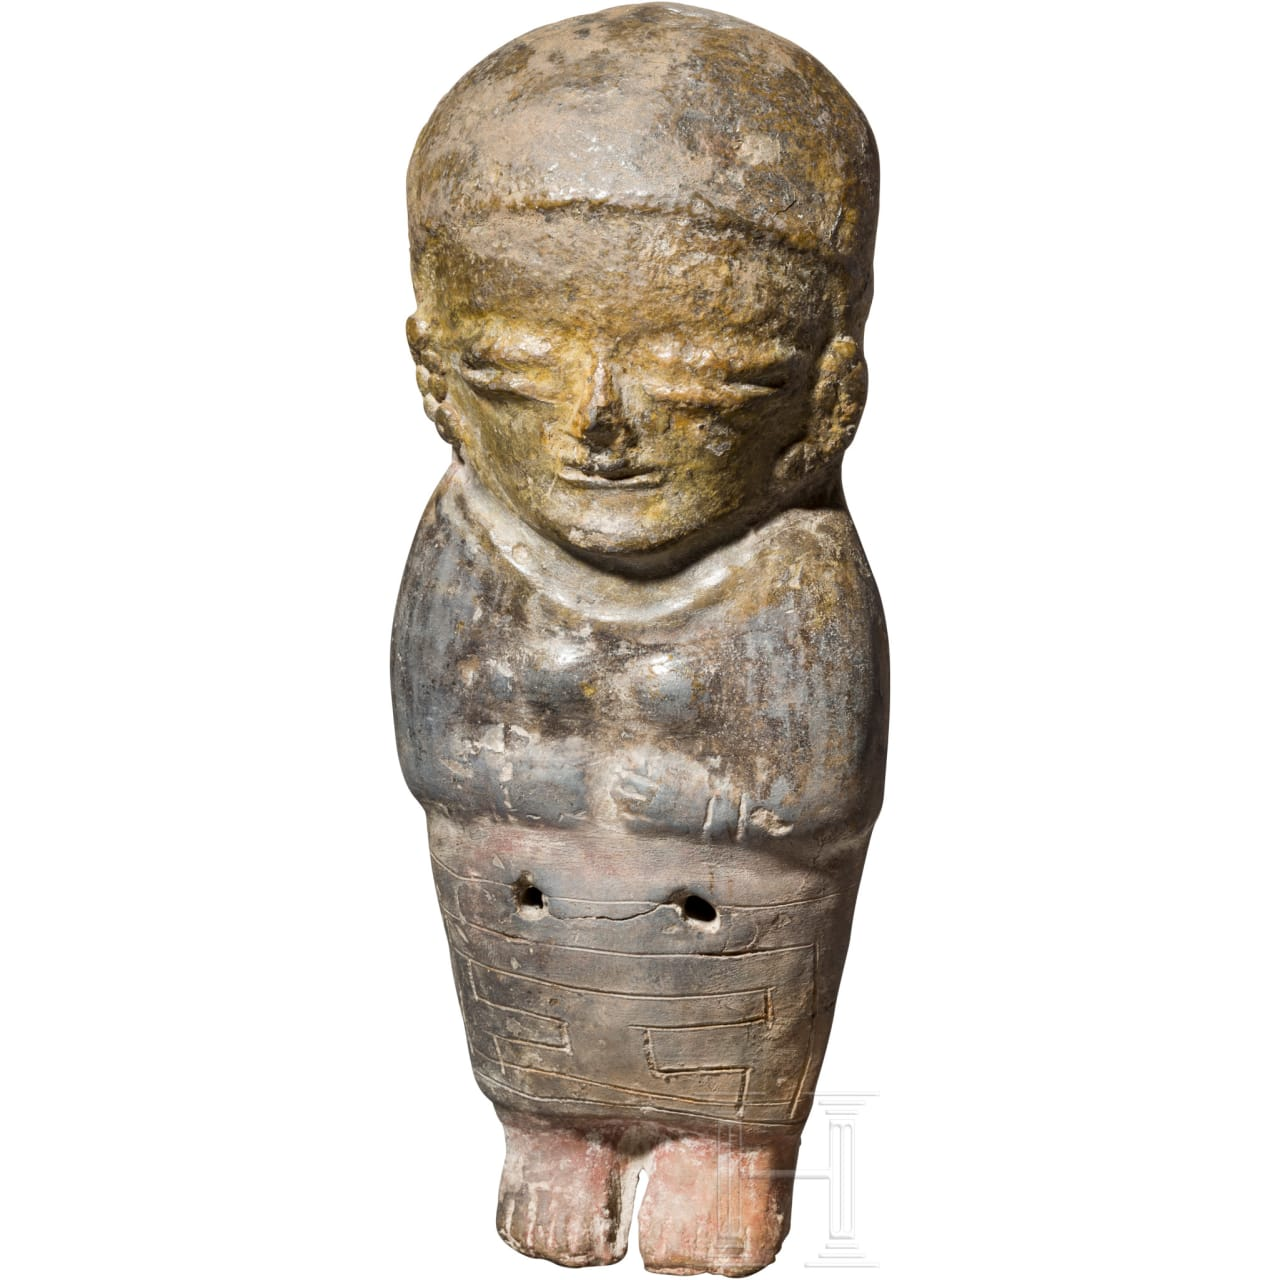 Pfeiffigur, Ecuador, Bahia-Kultur, 500 v. Chr. - 500 n. Chr.